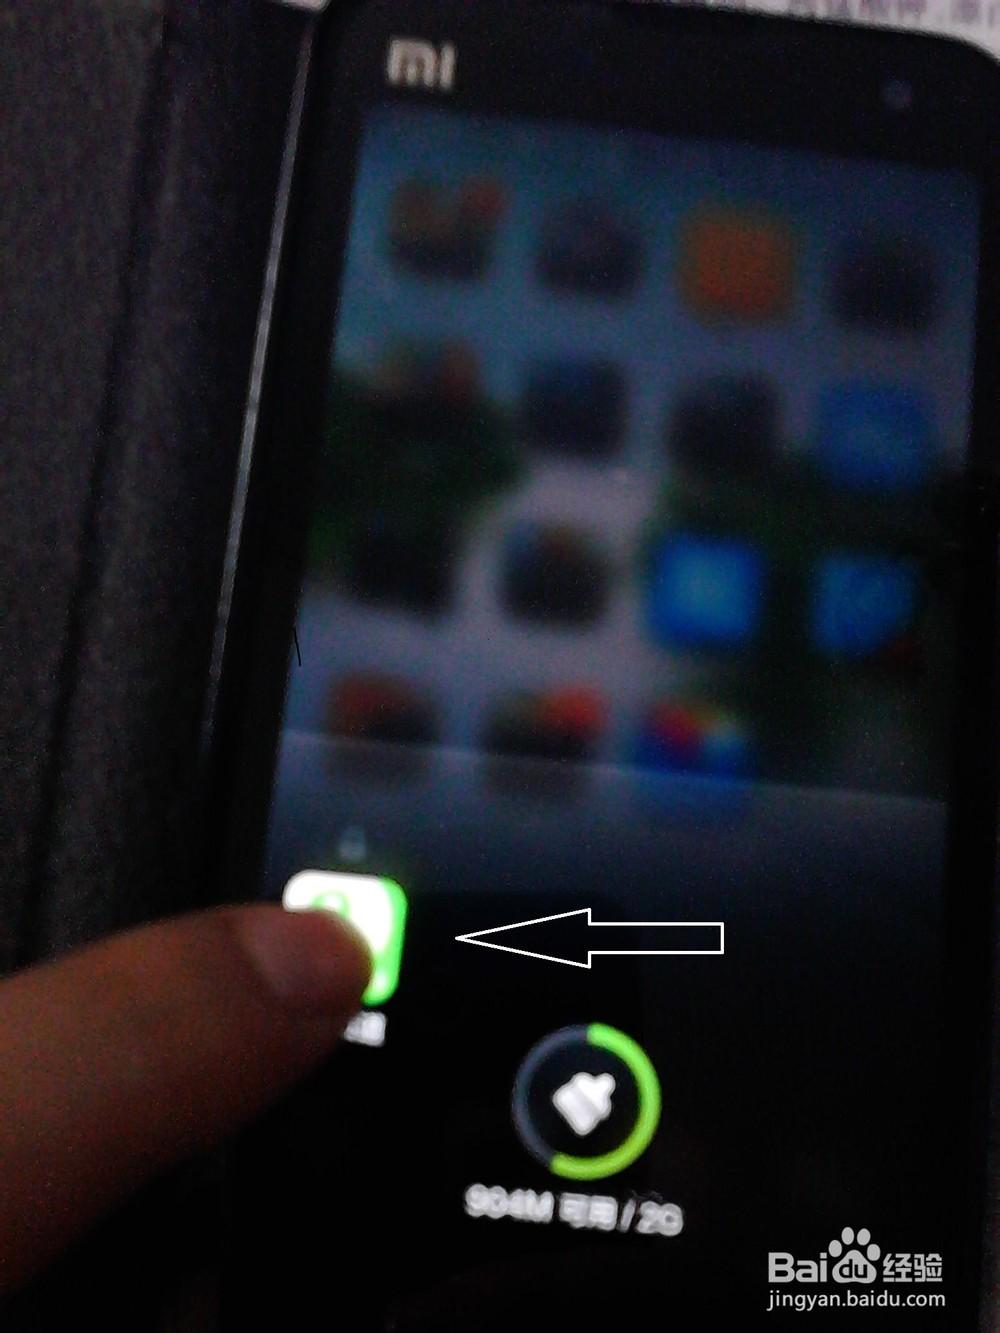 小米手机一键清理时怎样锁定特定软件不清理?